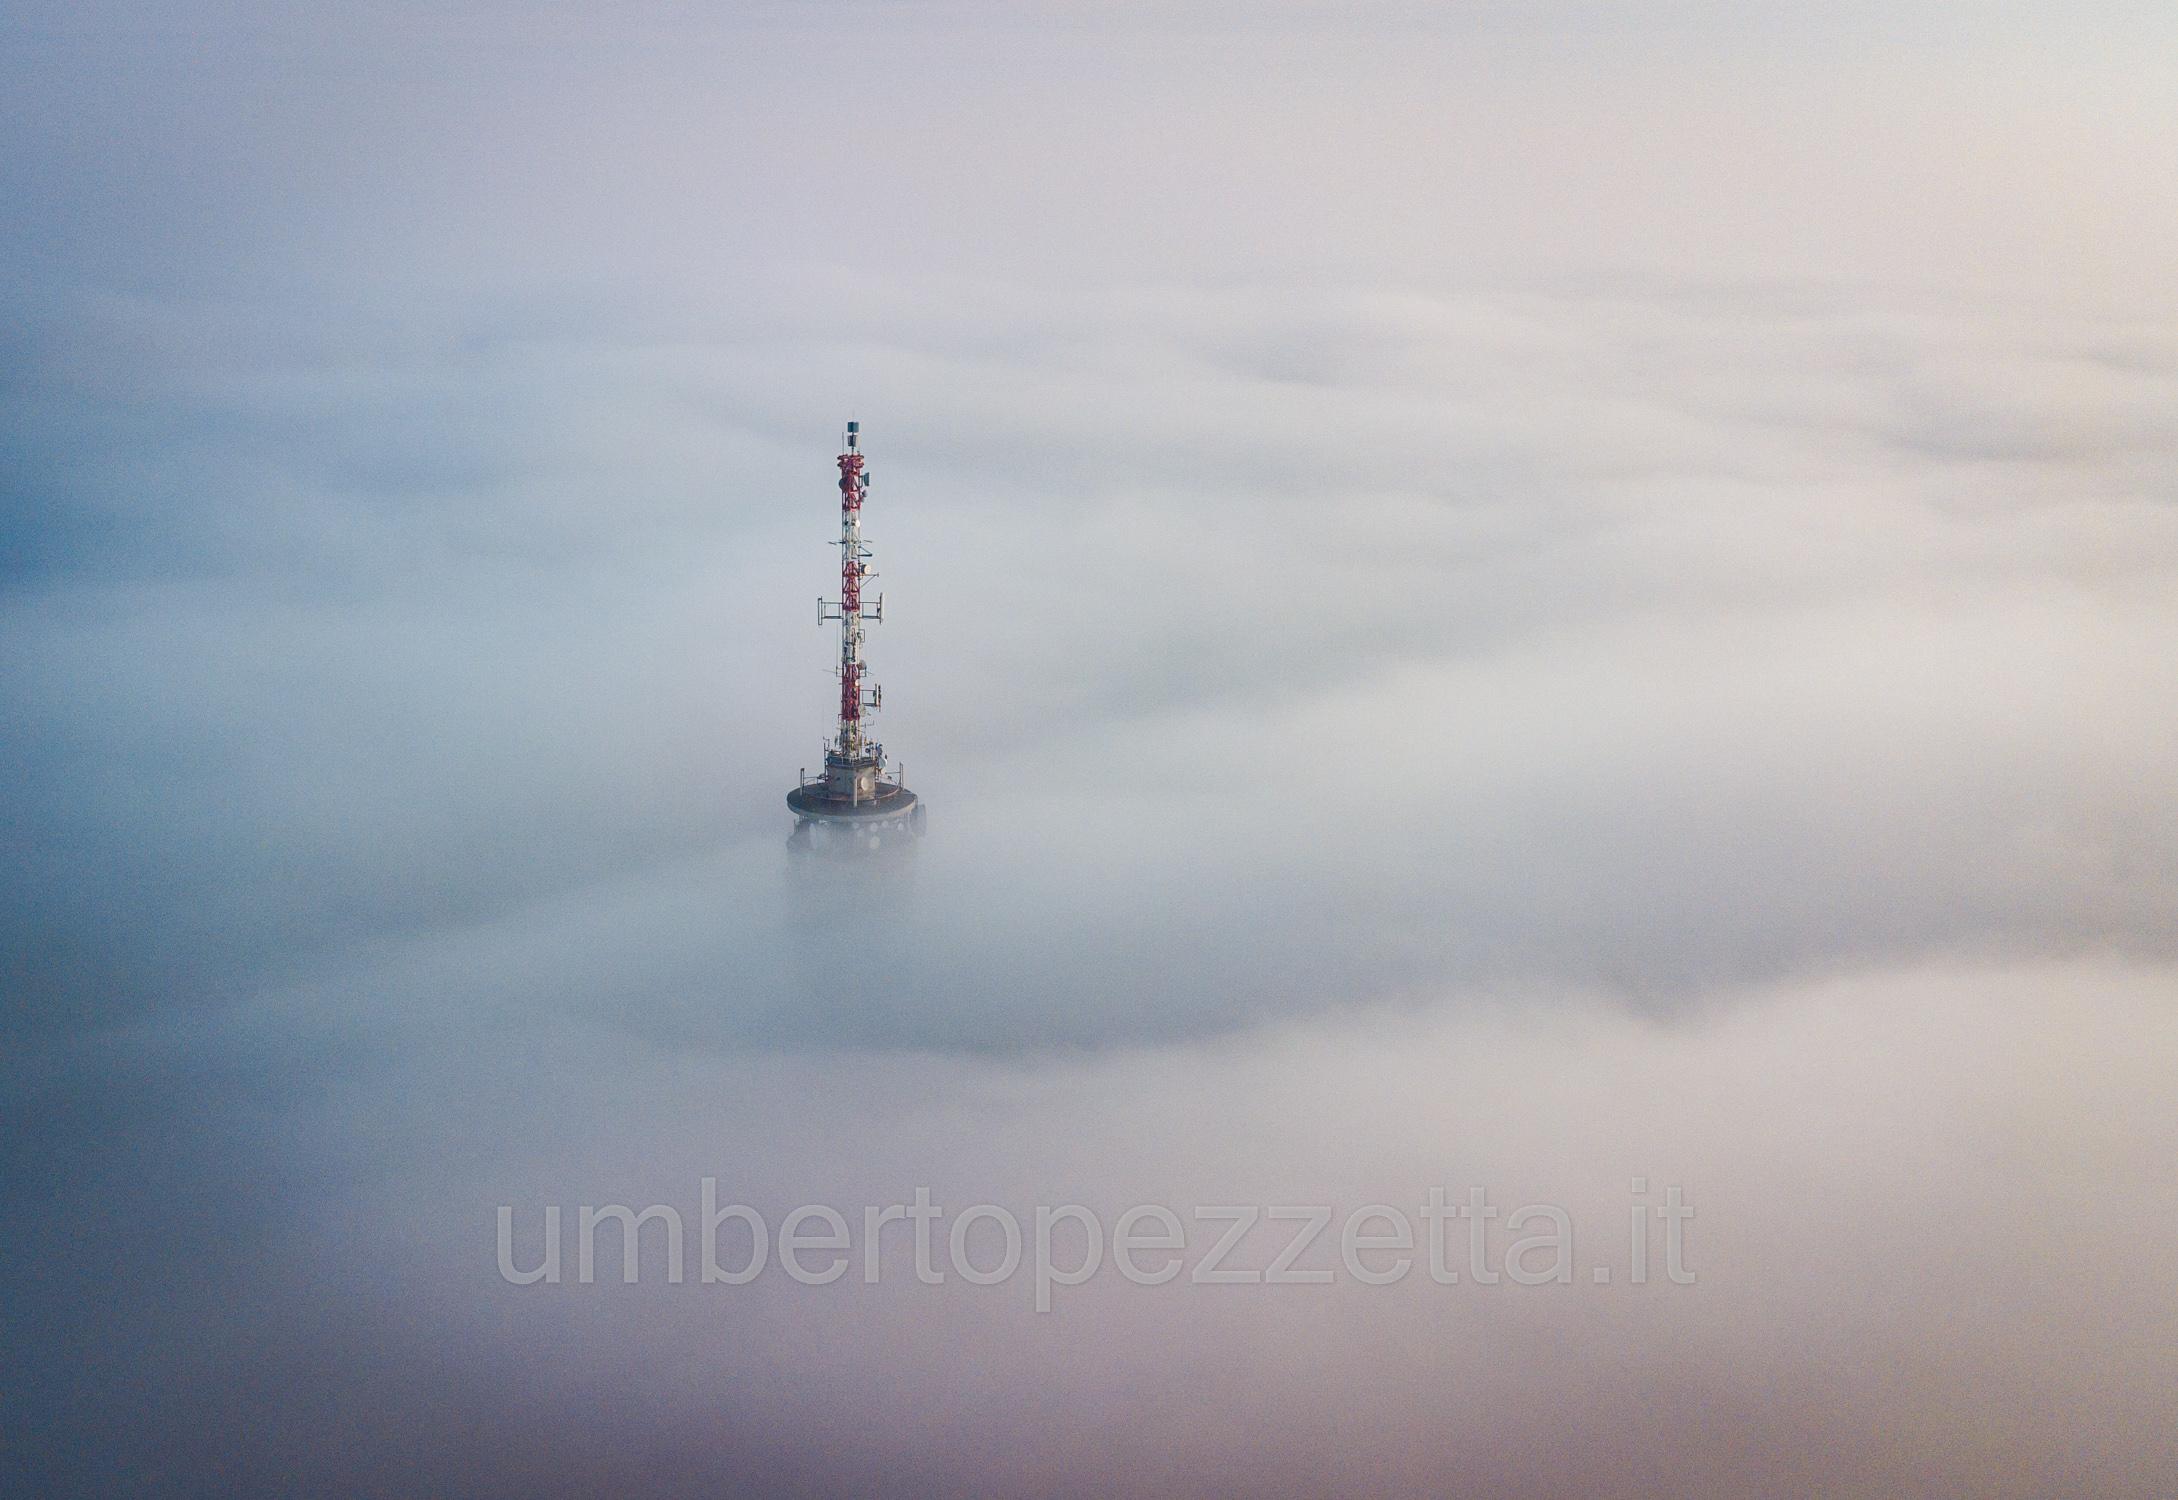 TV torony, Zalaegeszeg, Hungary